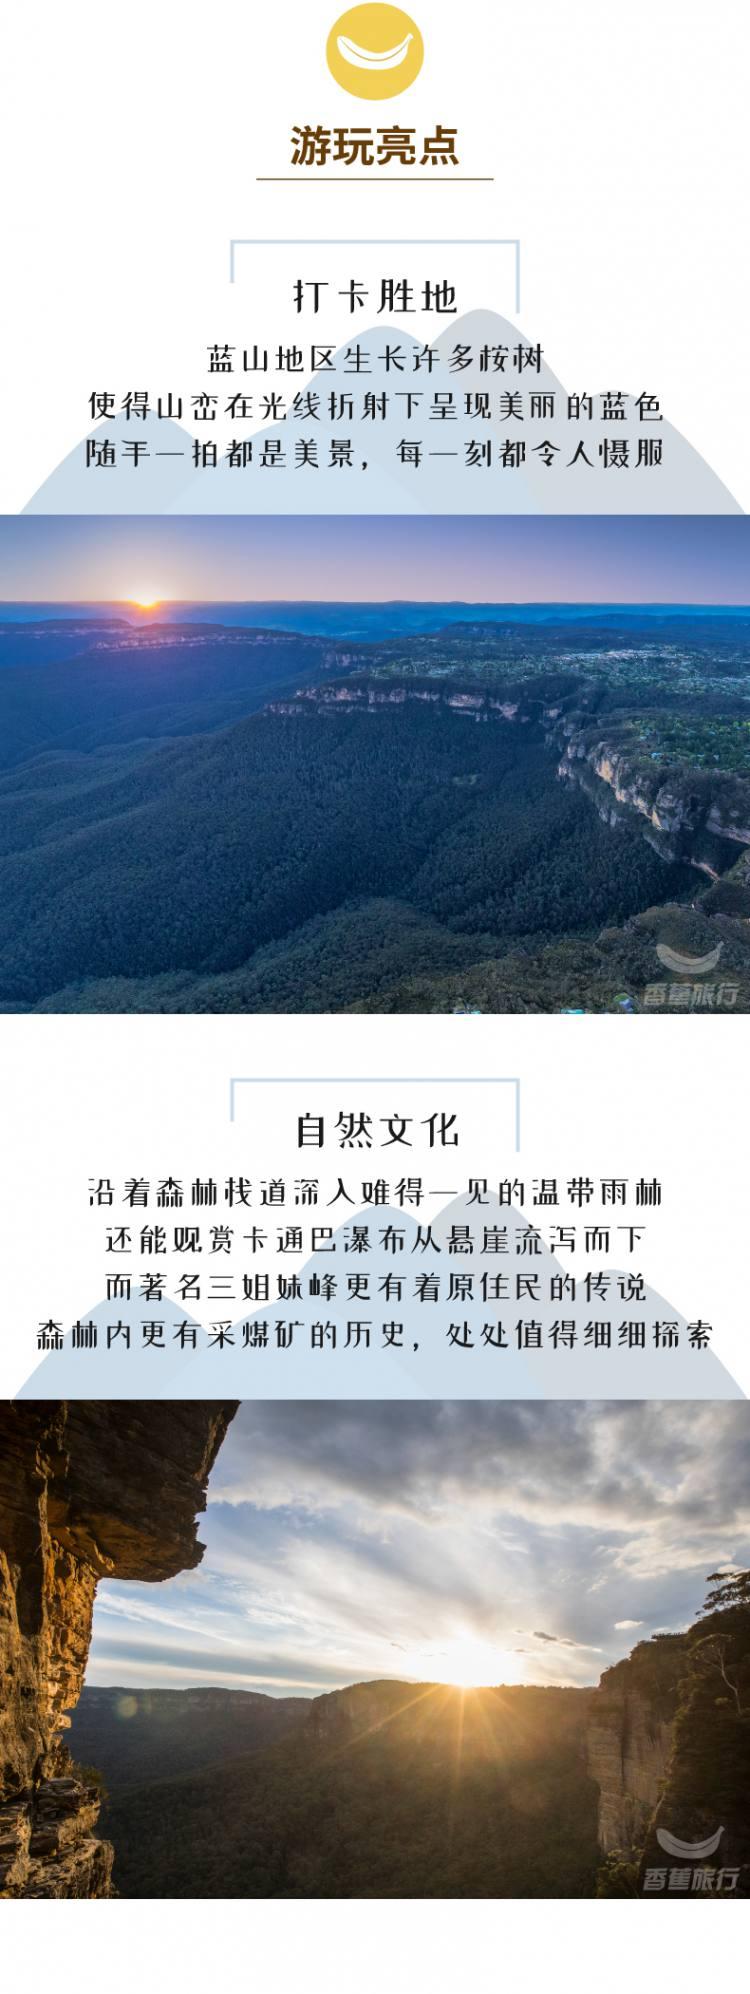 蓝山景观世界缆车套票A-02